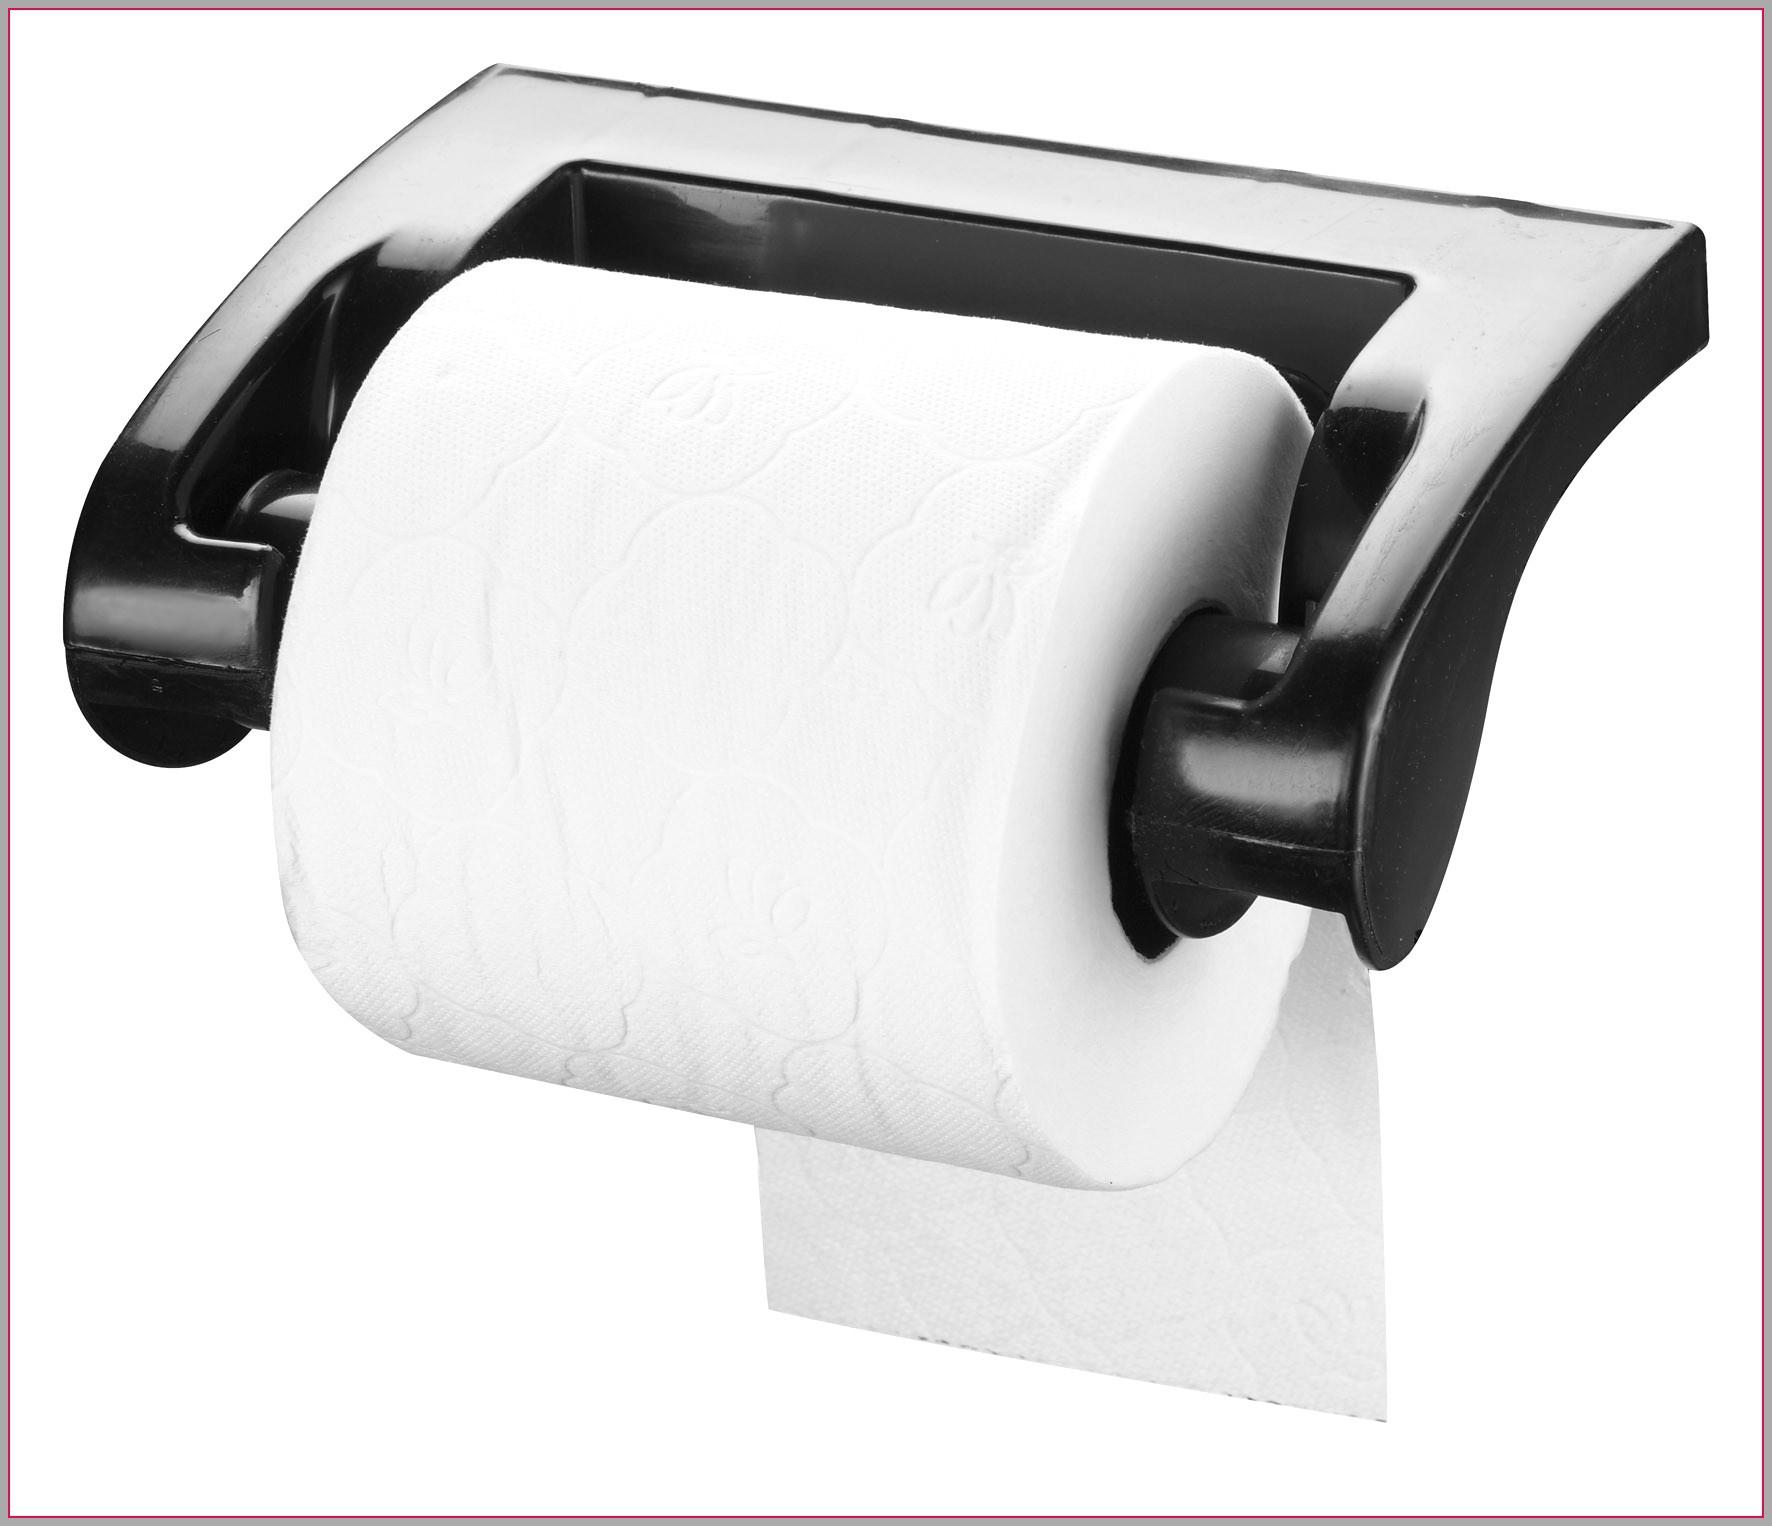 Derouleur Essuie tout Alinea Beau Image Porte Papier toilette original Porte Essuie tout original Elegant